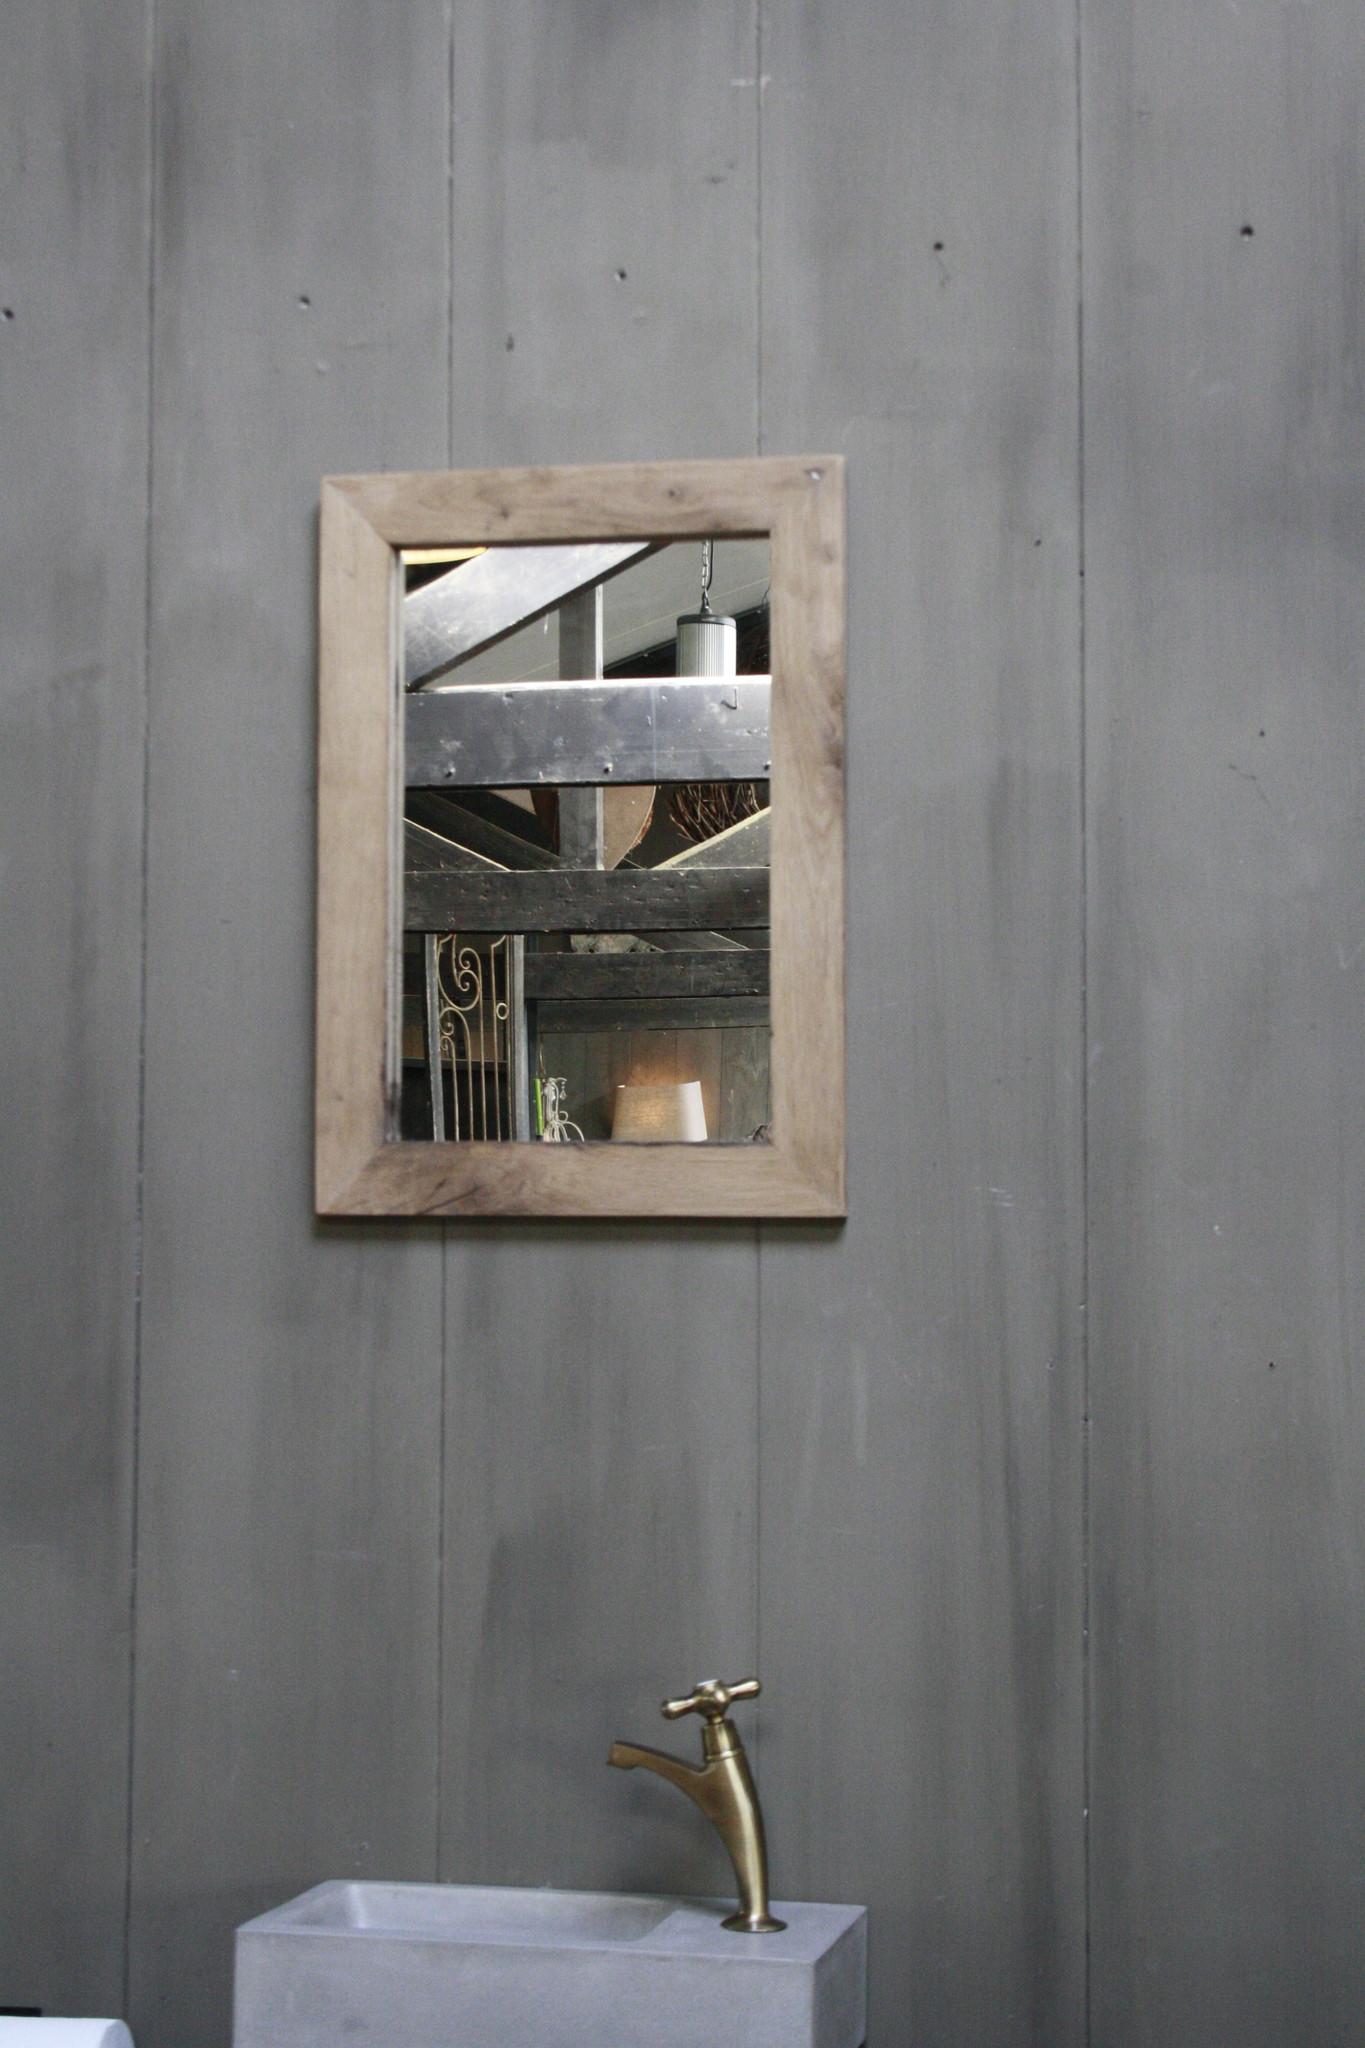 Eikenhouten toiletspiegel Light 53 x 38 cm-2